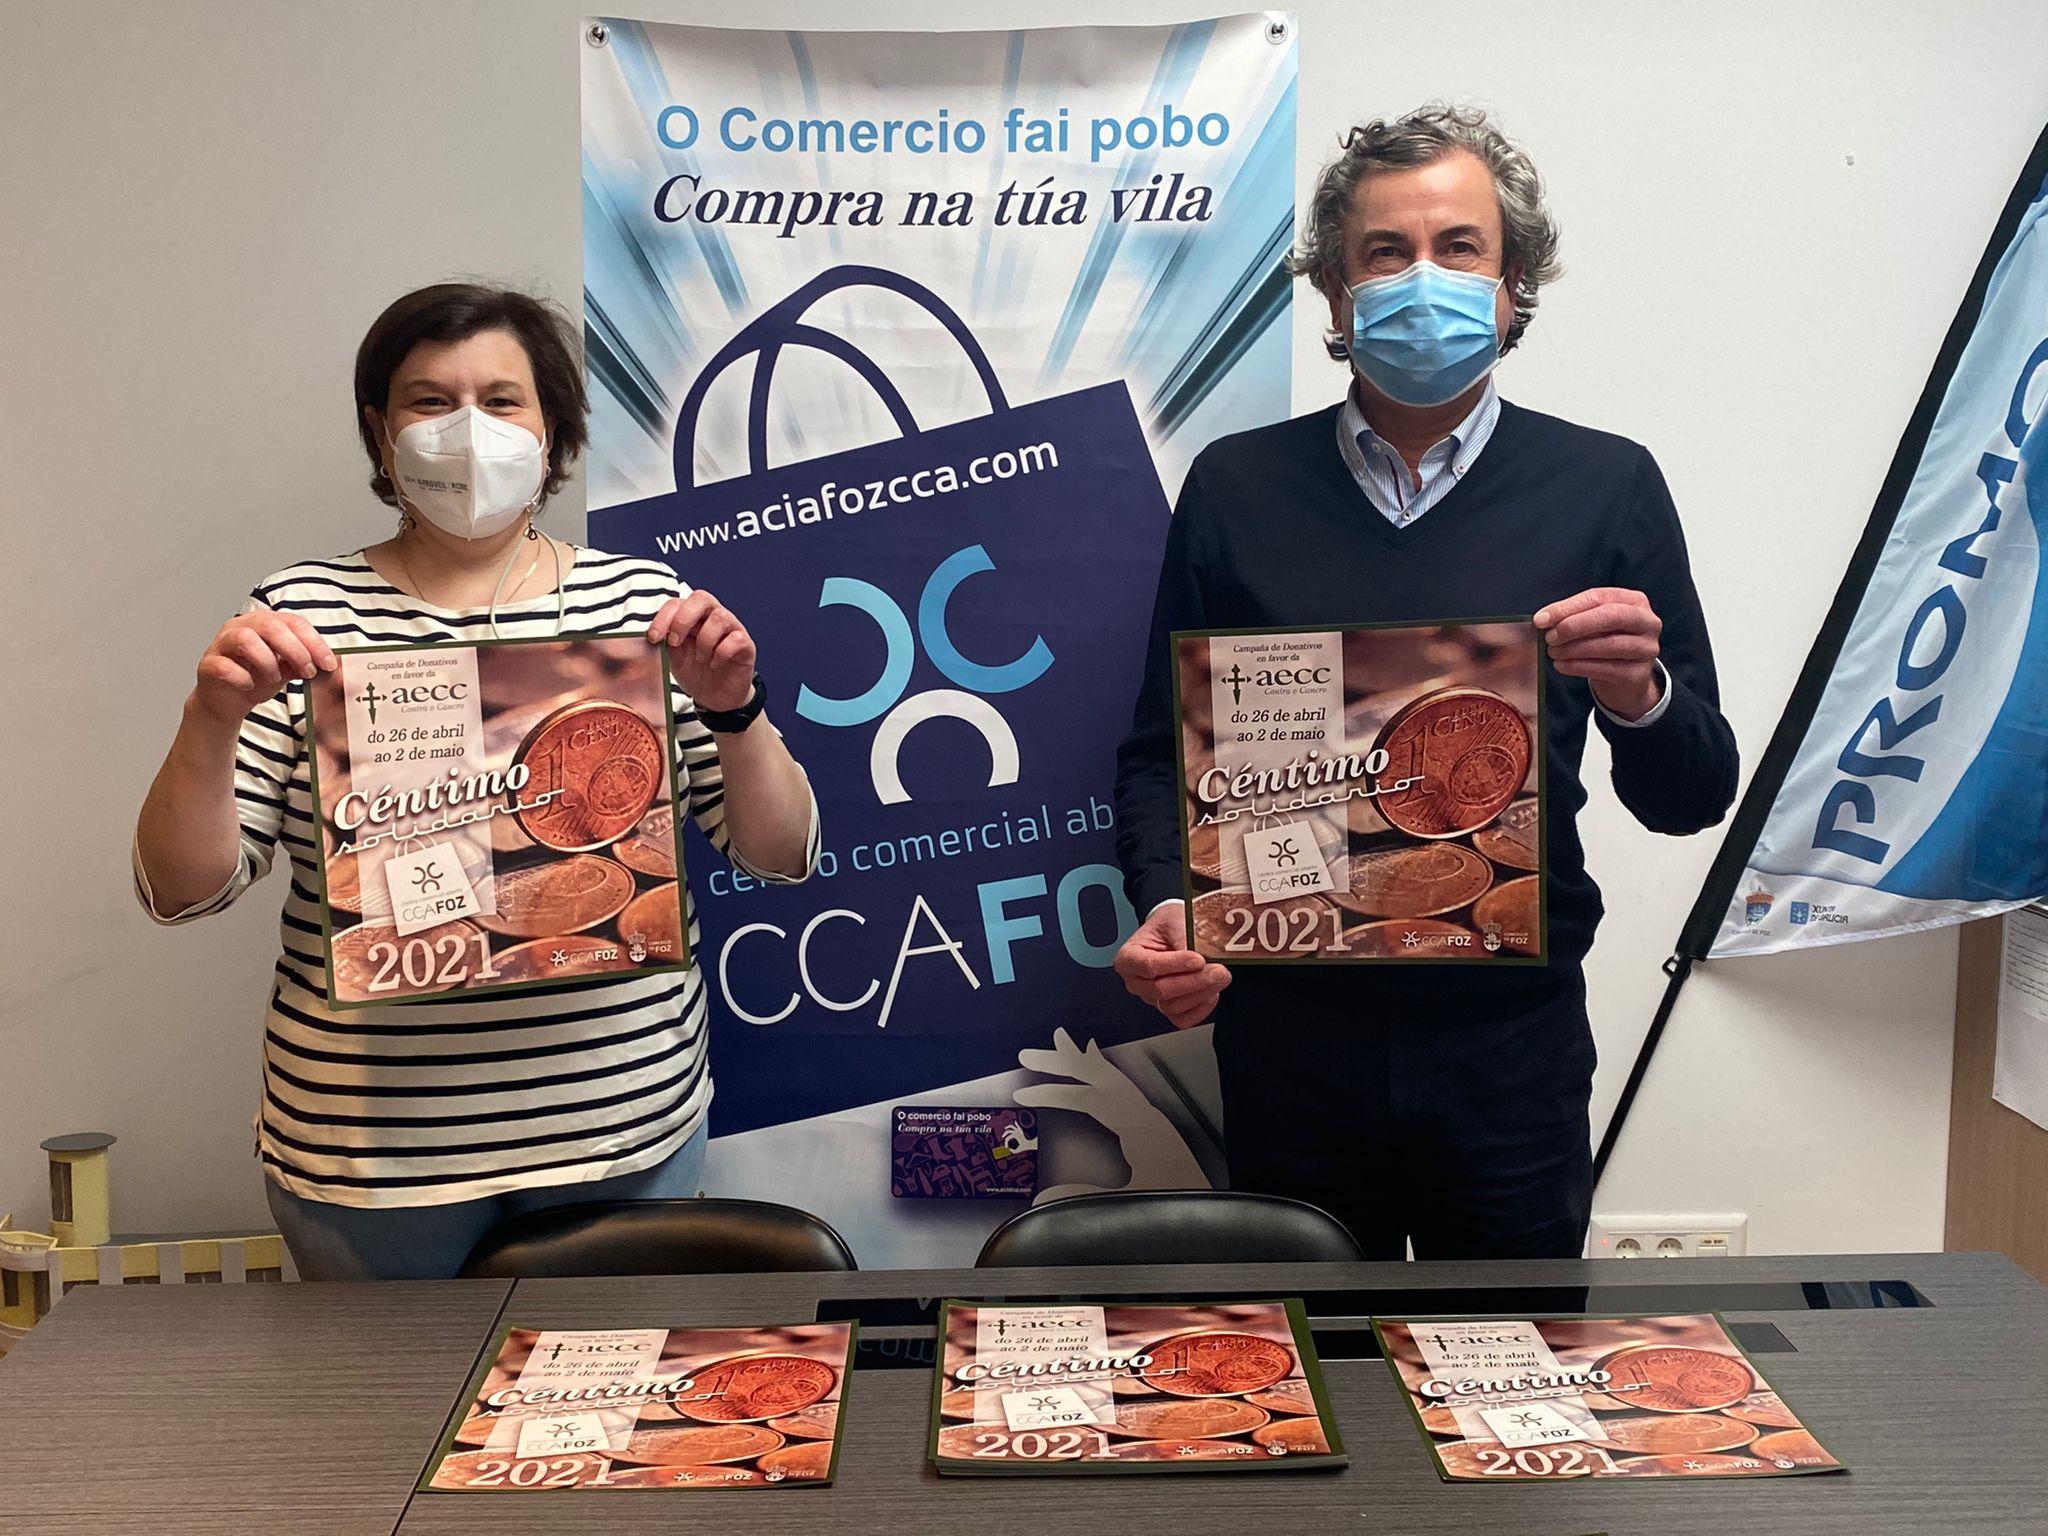 Chega unha nova edición da campaña Céntimo solidario, que contará un ano máis coa colaboración de AciaFozCCA